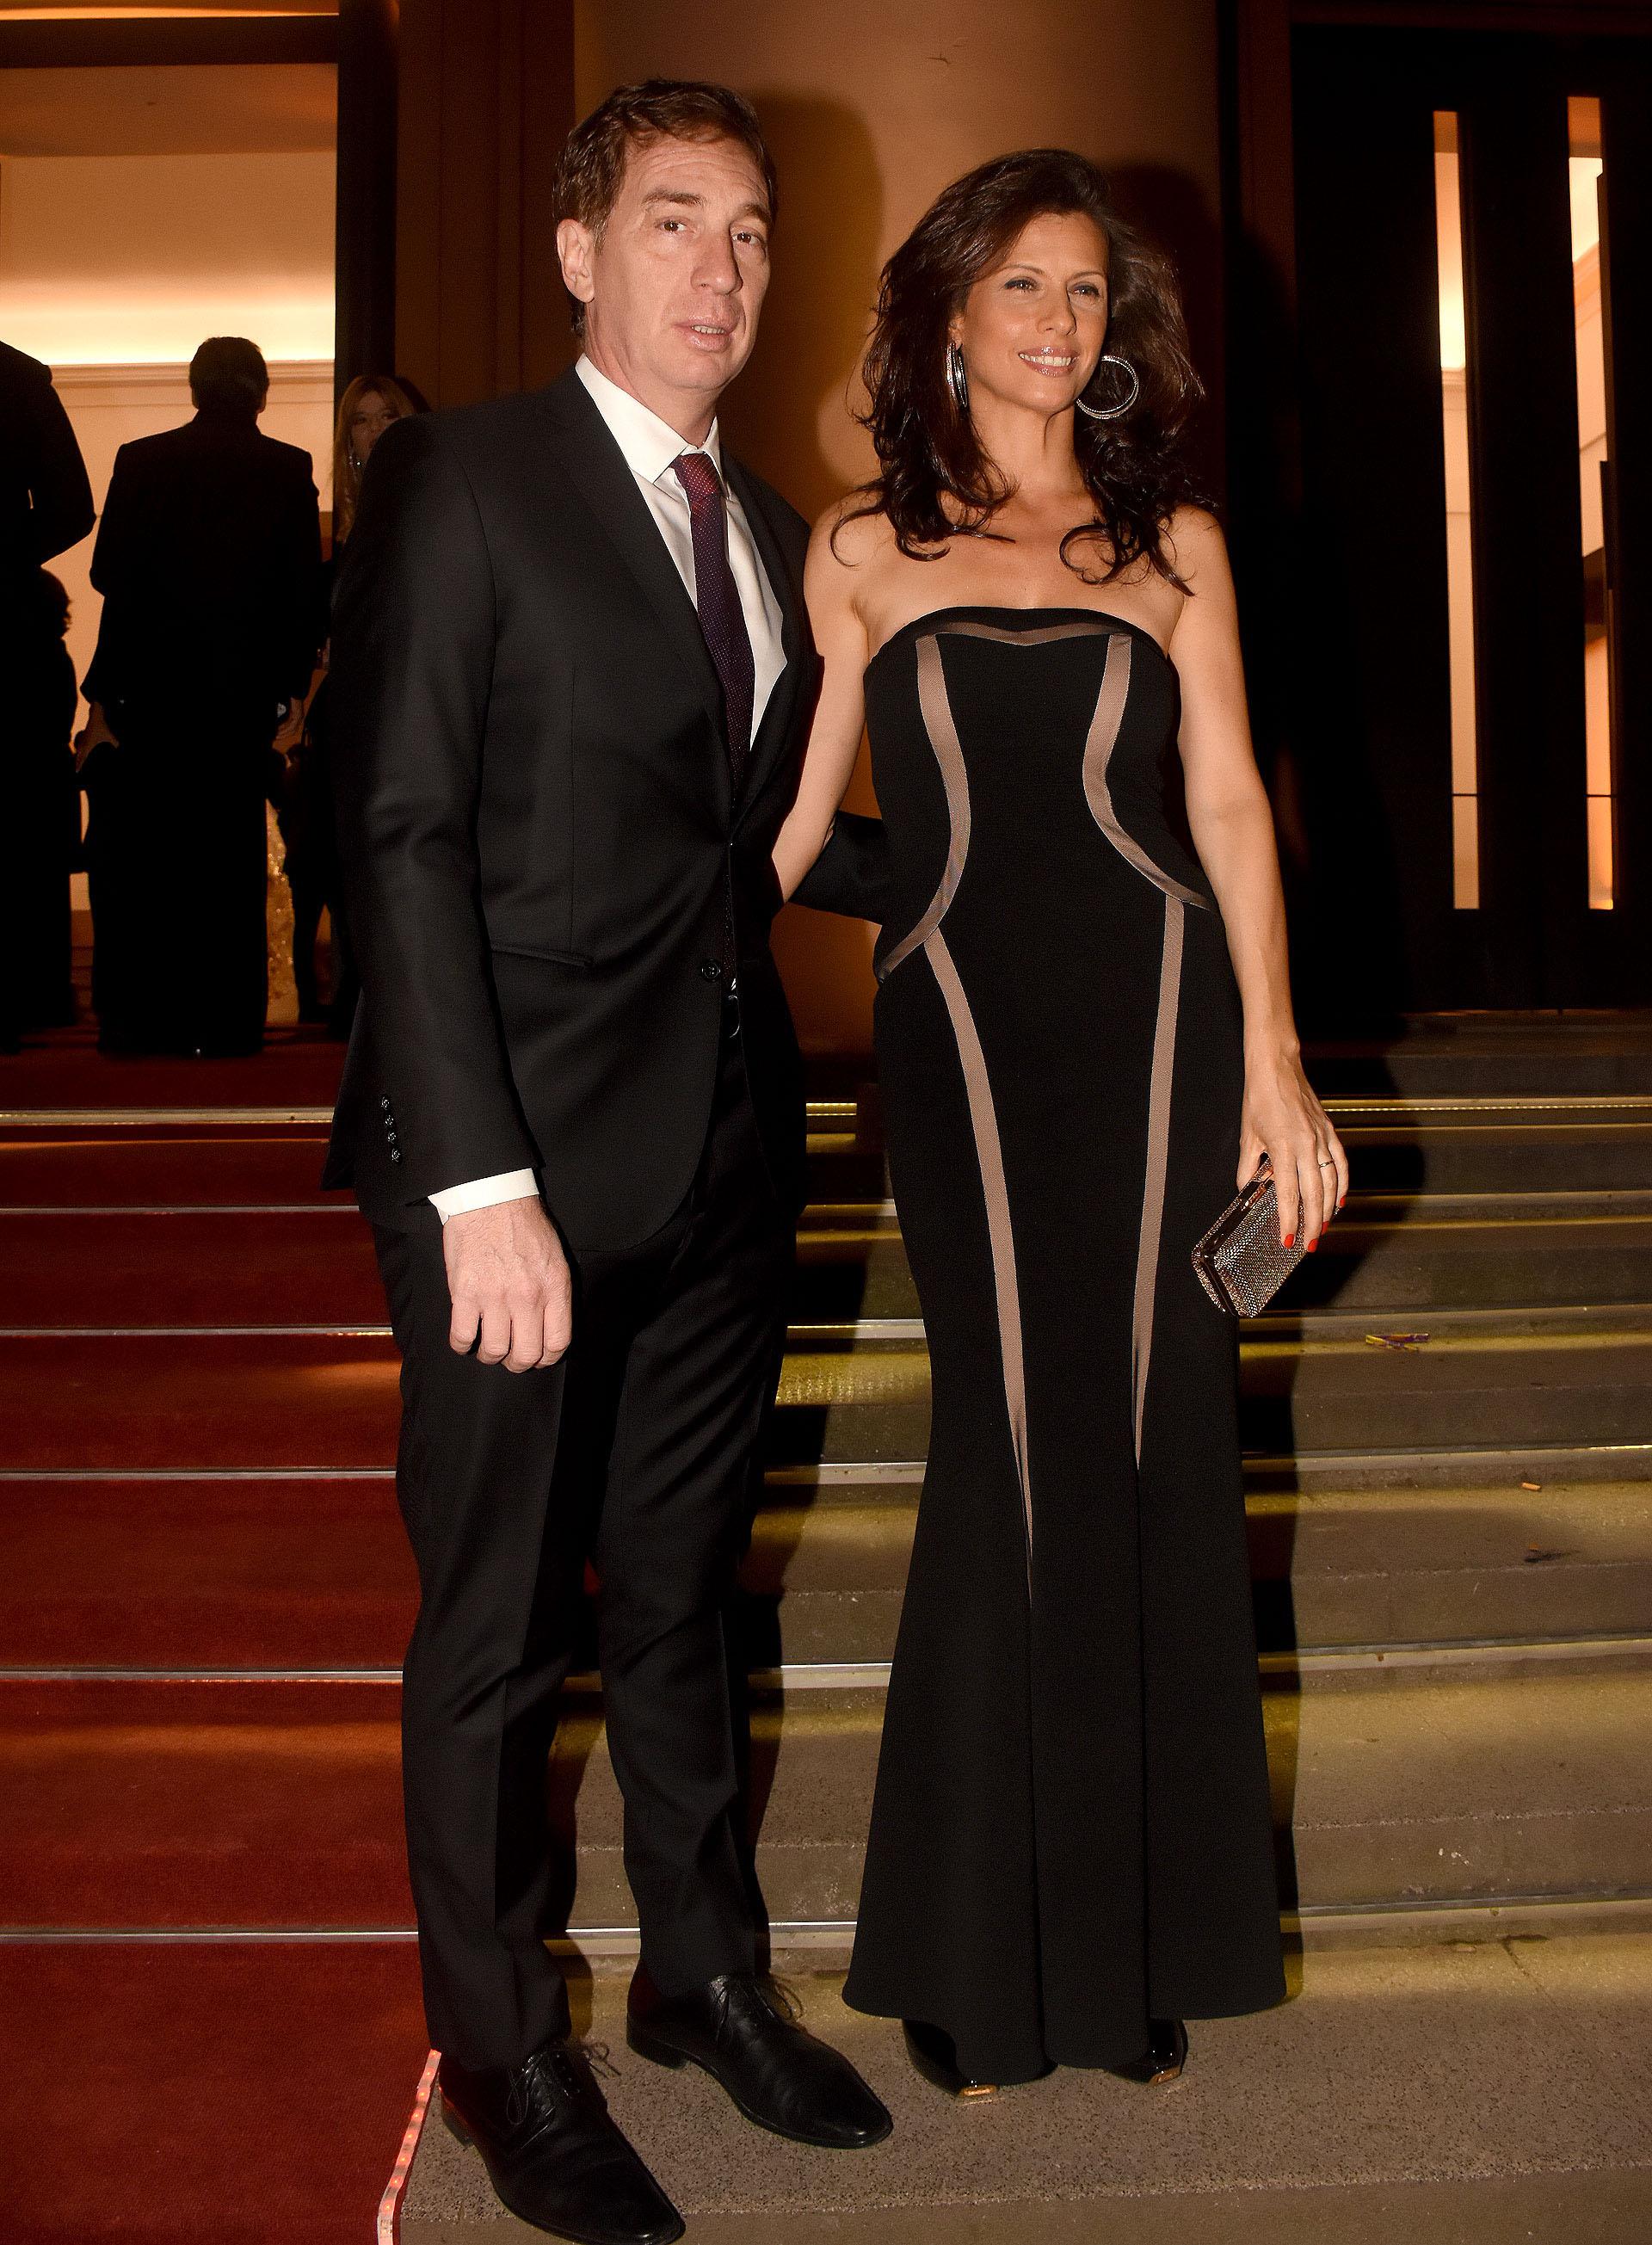 Diego Santilli, vicejefe de Gobierno porteño, y su mujer Analía Maiorana